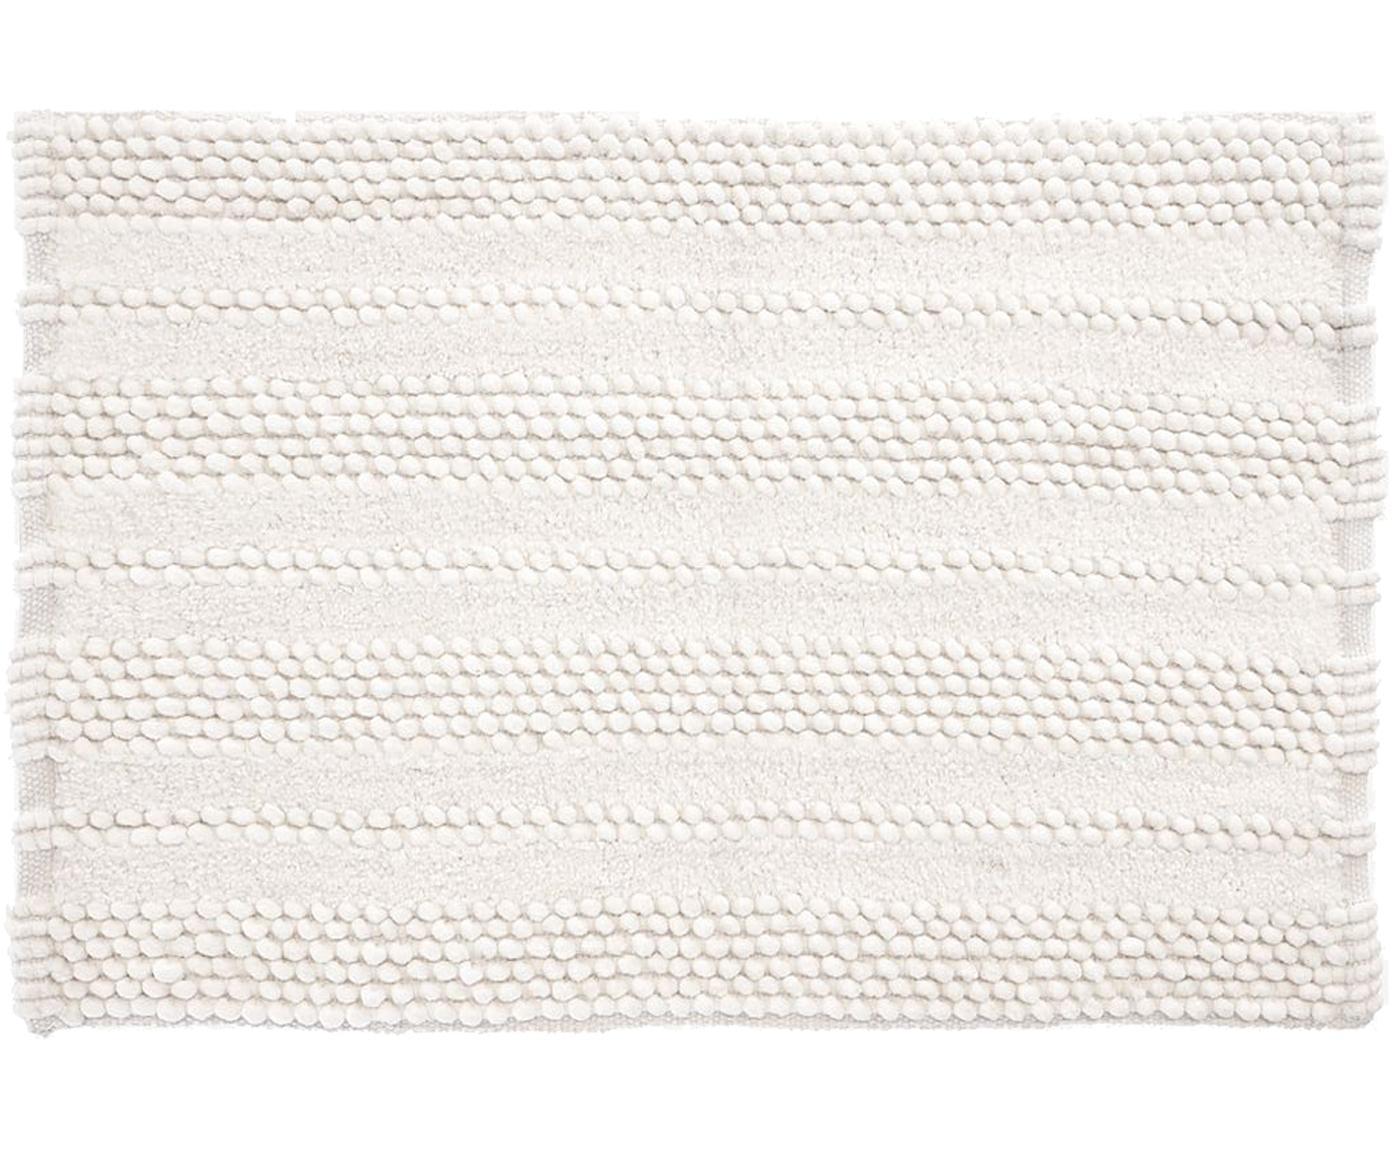 Badmat Nea in wit met hoog-laag-structuur, 65% chenille, 35% katoen, Wit, 80 x 120 cm